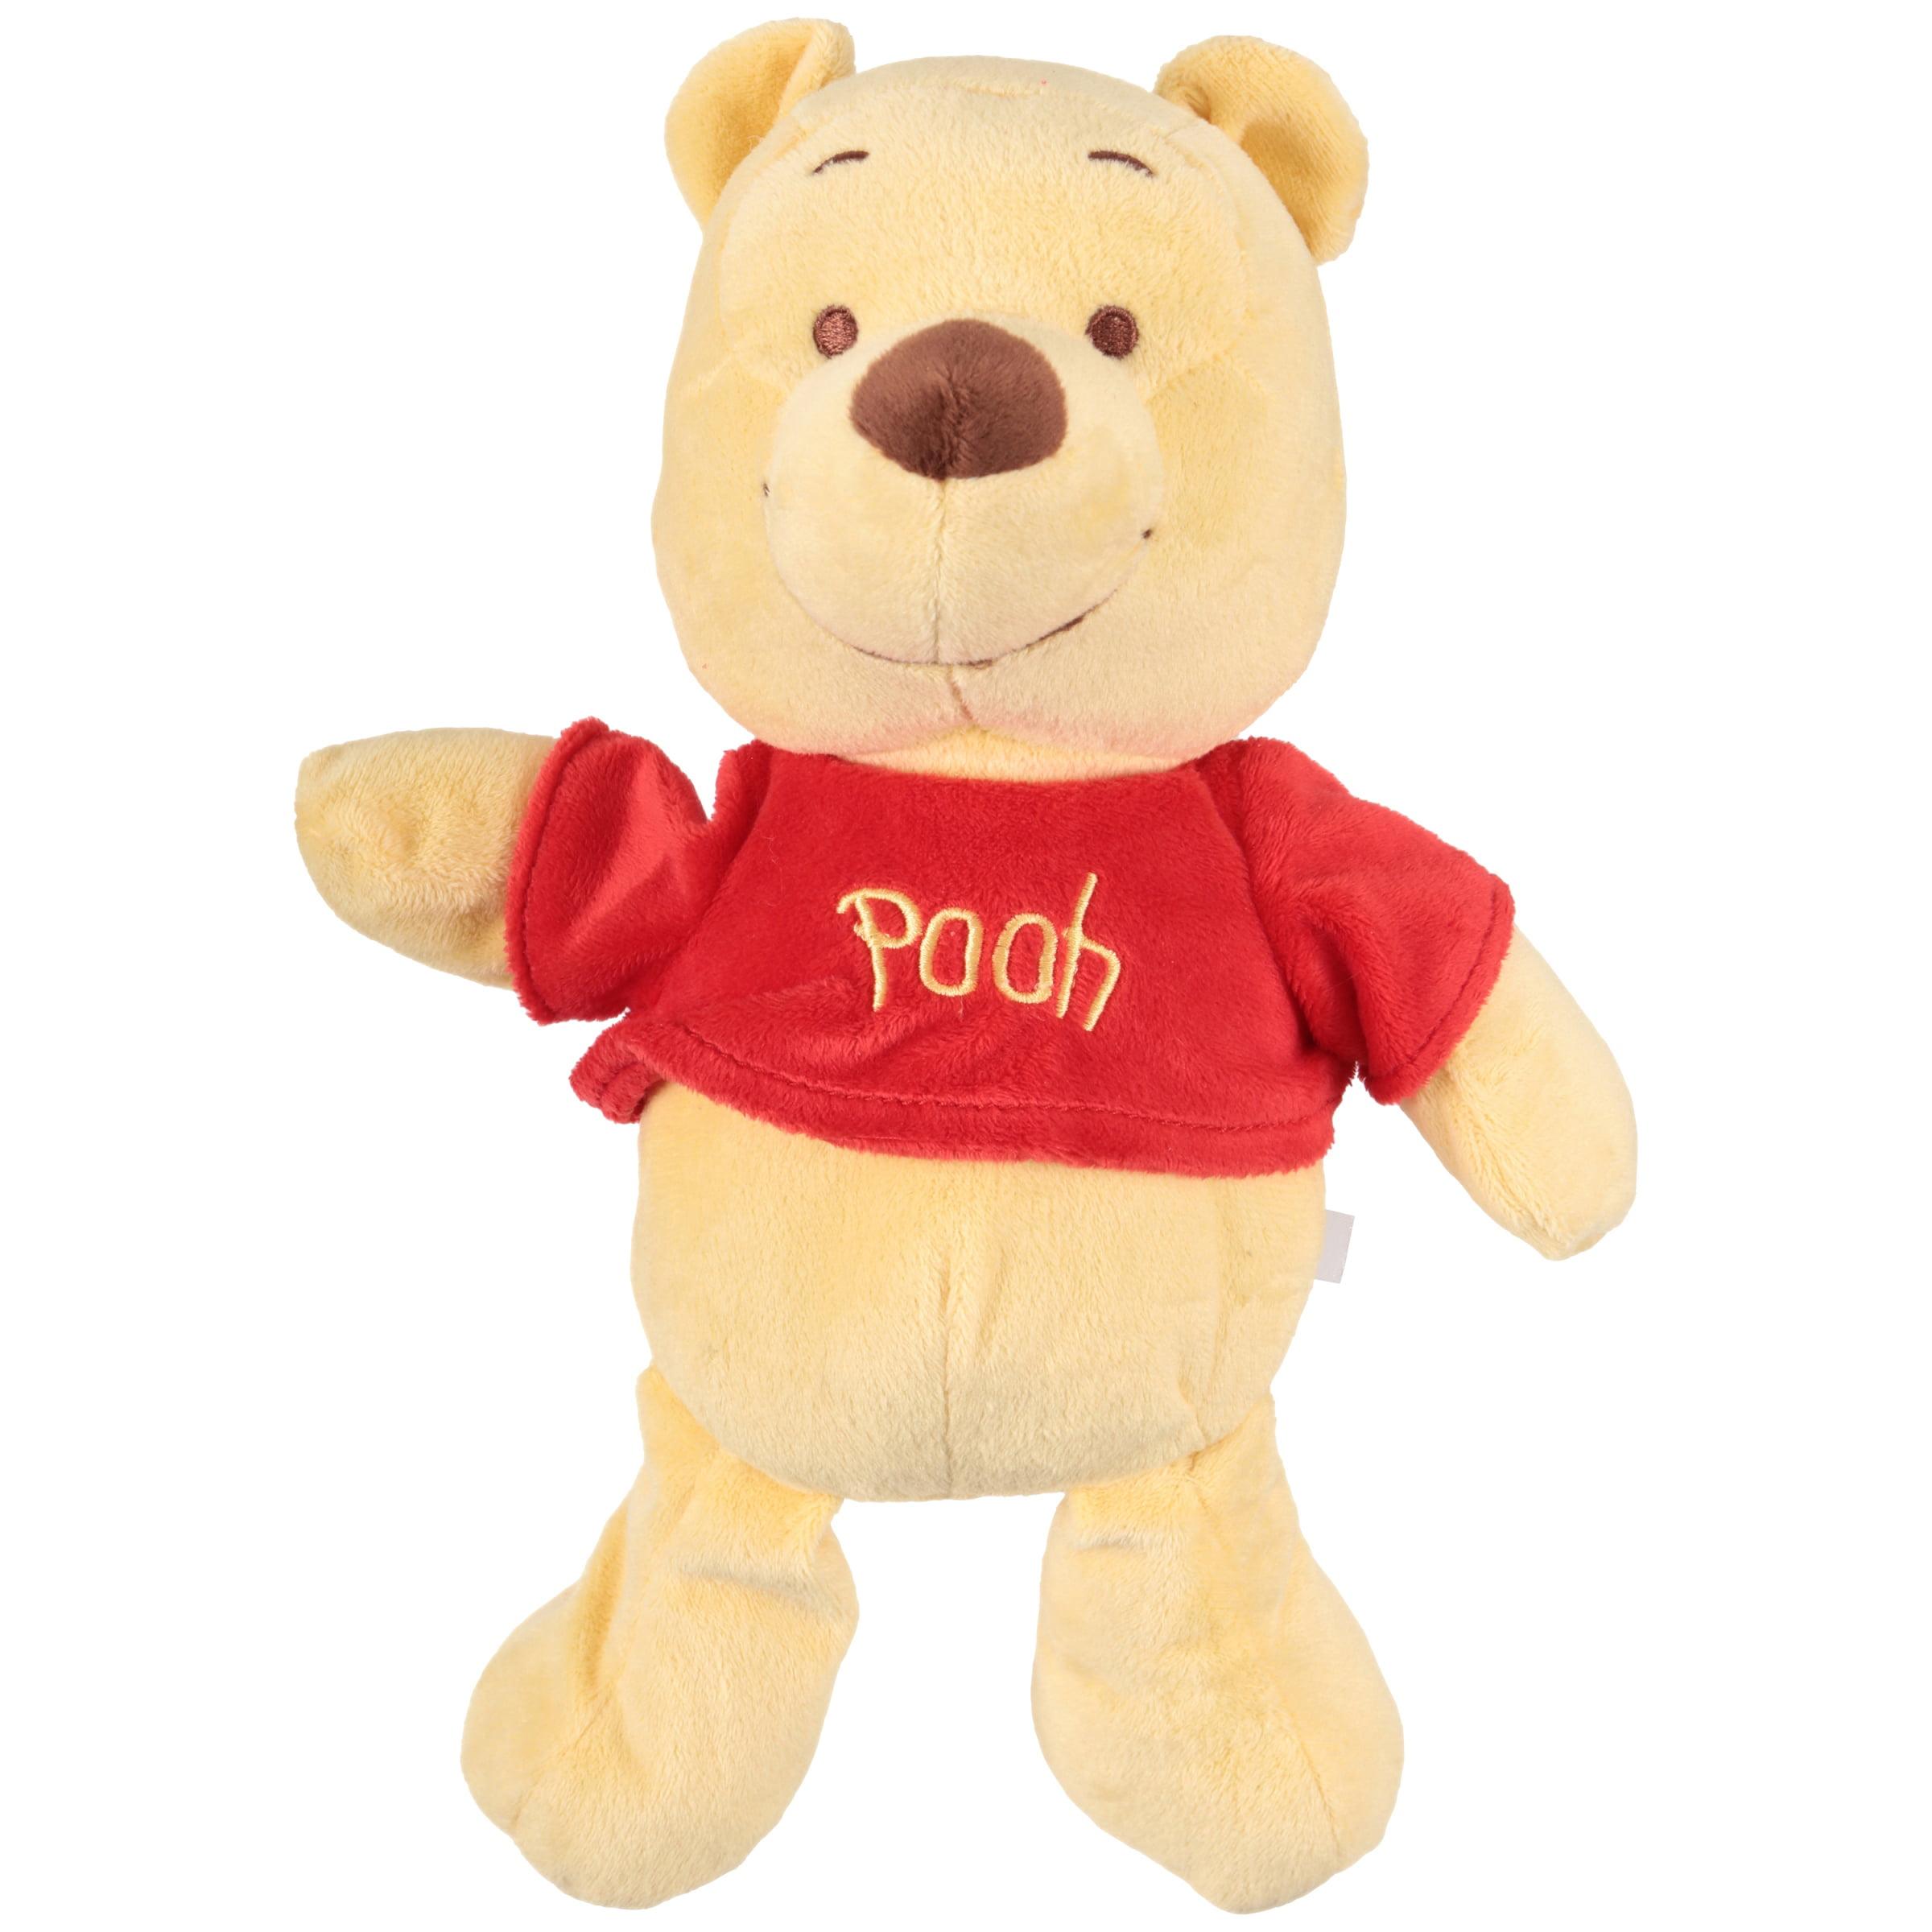 aa1ddfe3b0da Disney Baby Winnie The Pooh Teddy Bear Plush - Walmart.com